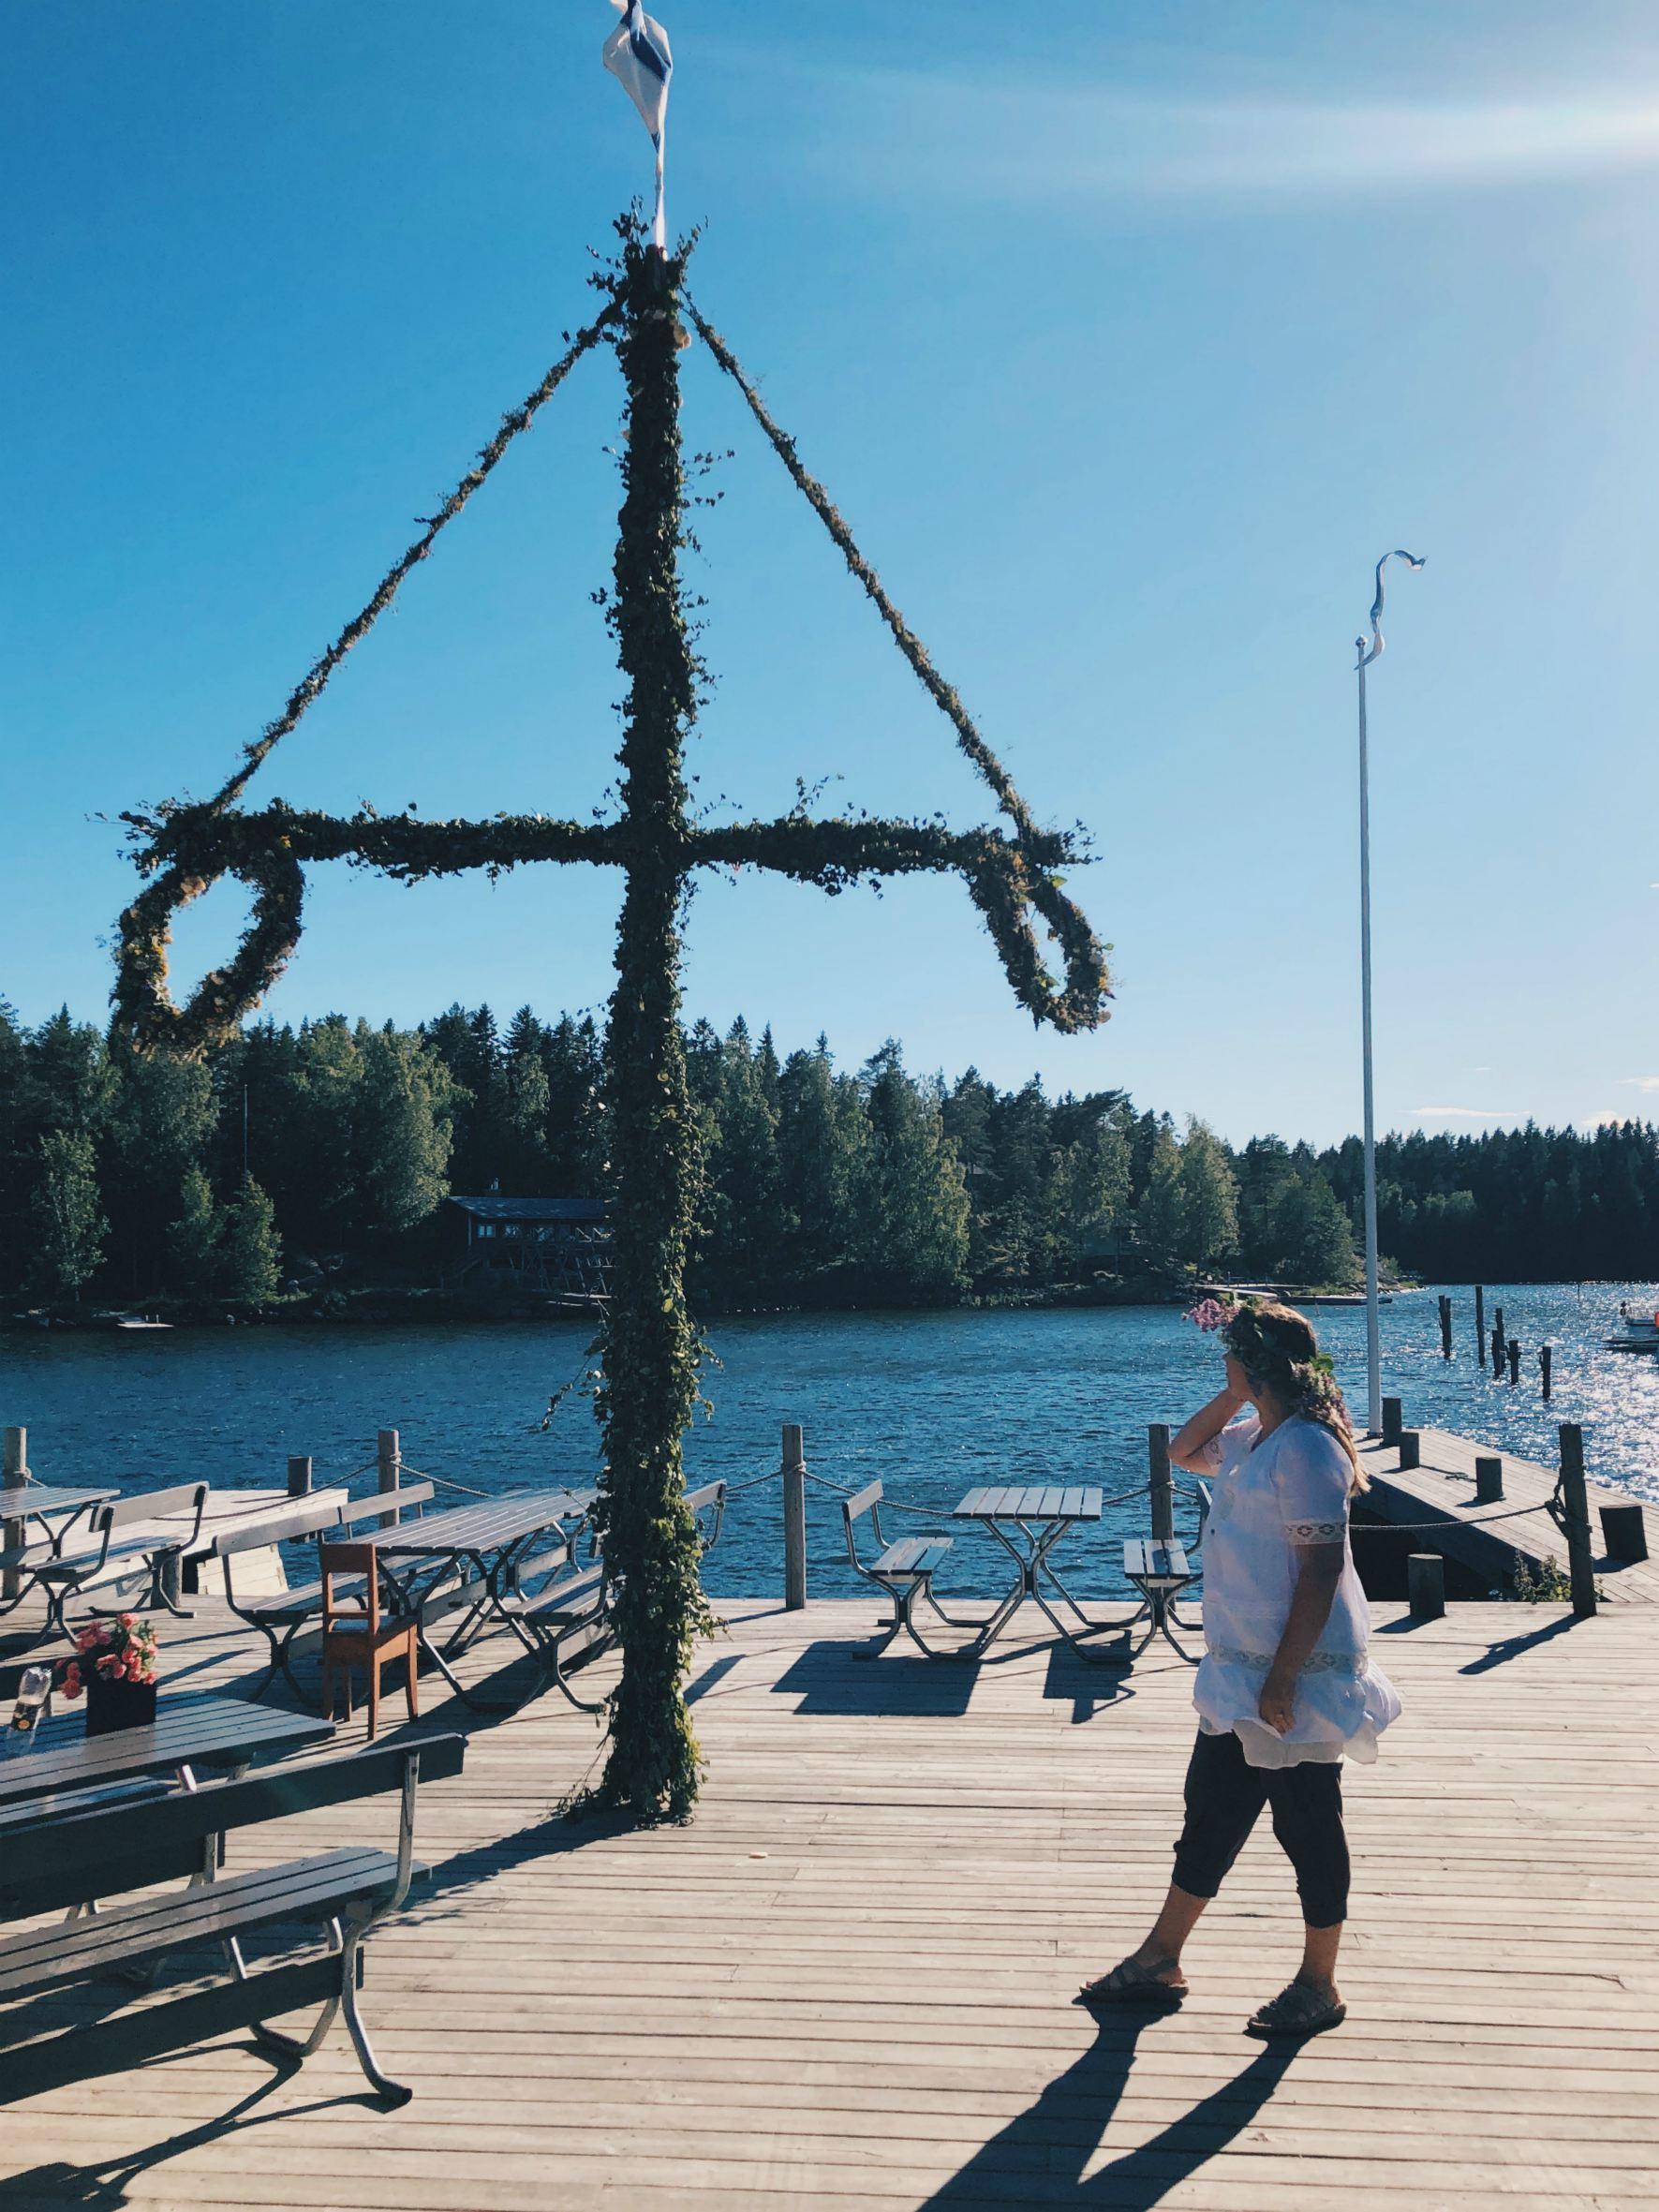 Täällä ruotsinkielisellä rannikolla näkee usein myös juhannussalkoja